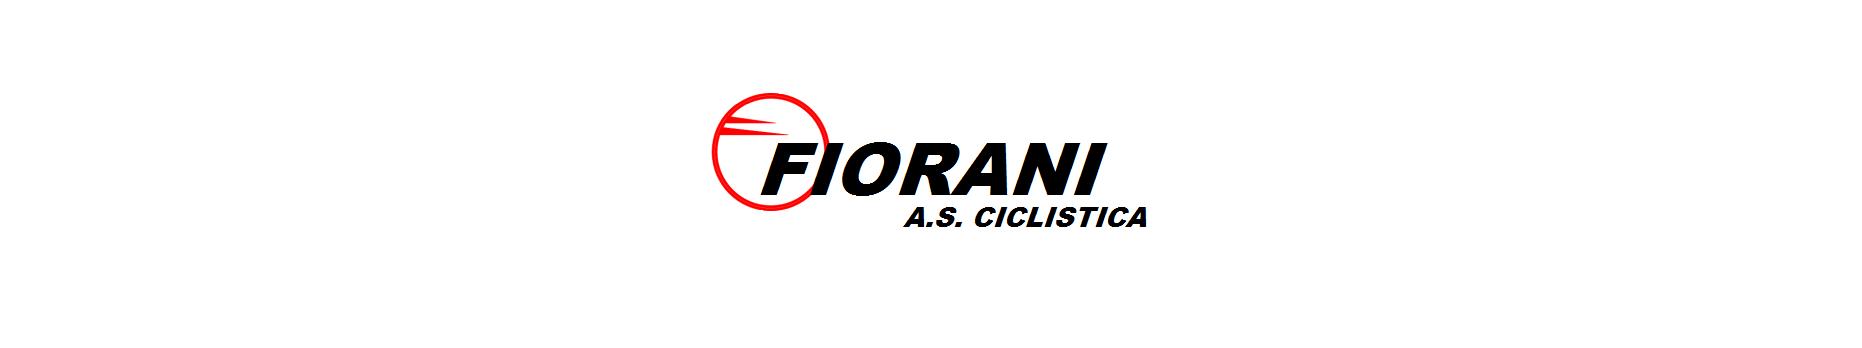 Associazione Ciclistica Domenico Fiorani ASD - logo